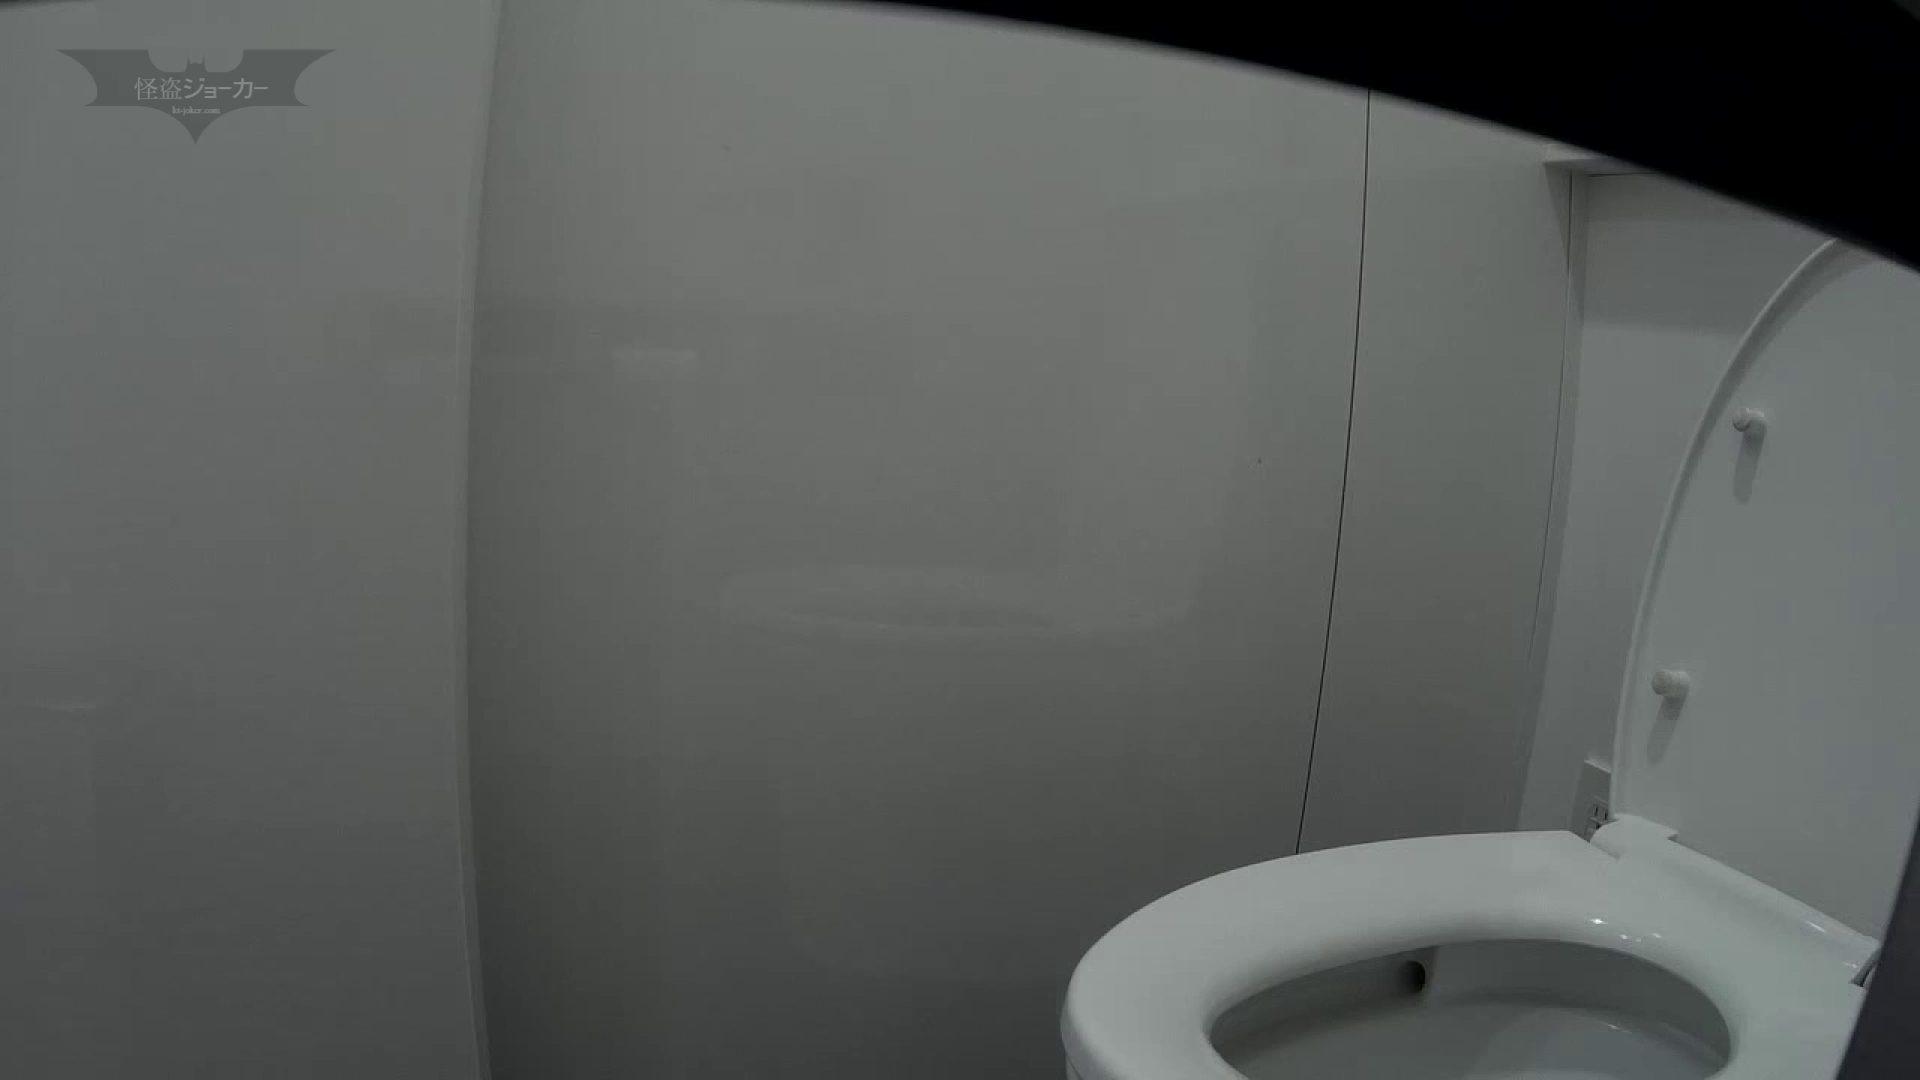 有名大学女性洗面所 vol.57 S級美女マルチアングル撮り!! OLの実態   マルチアングル  103pic 1